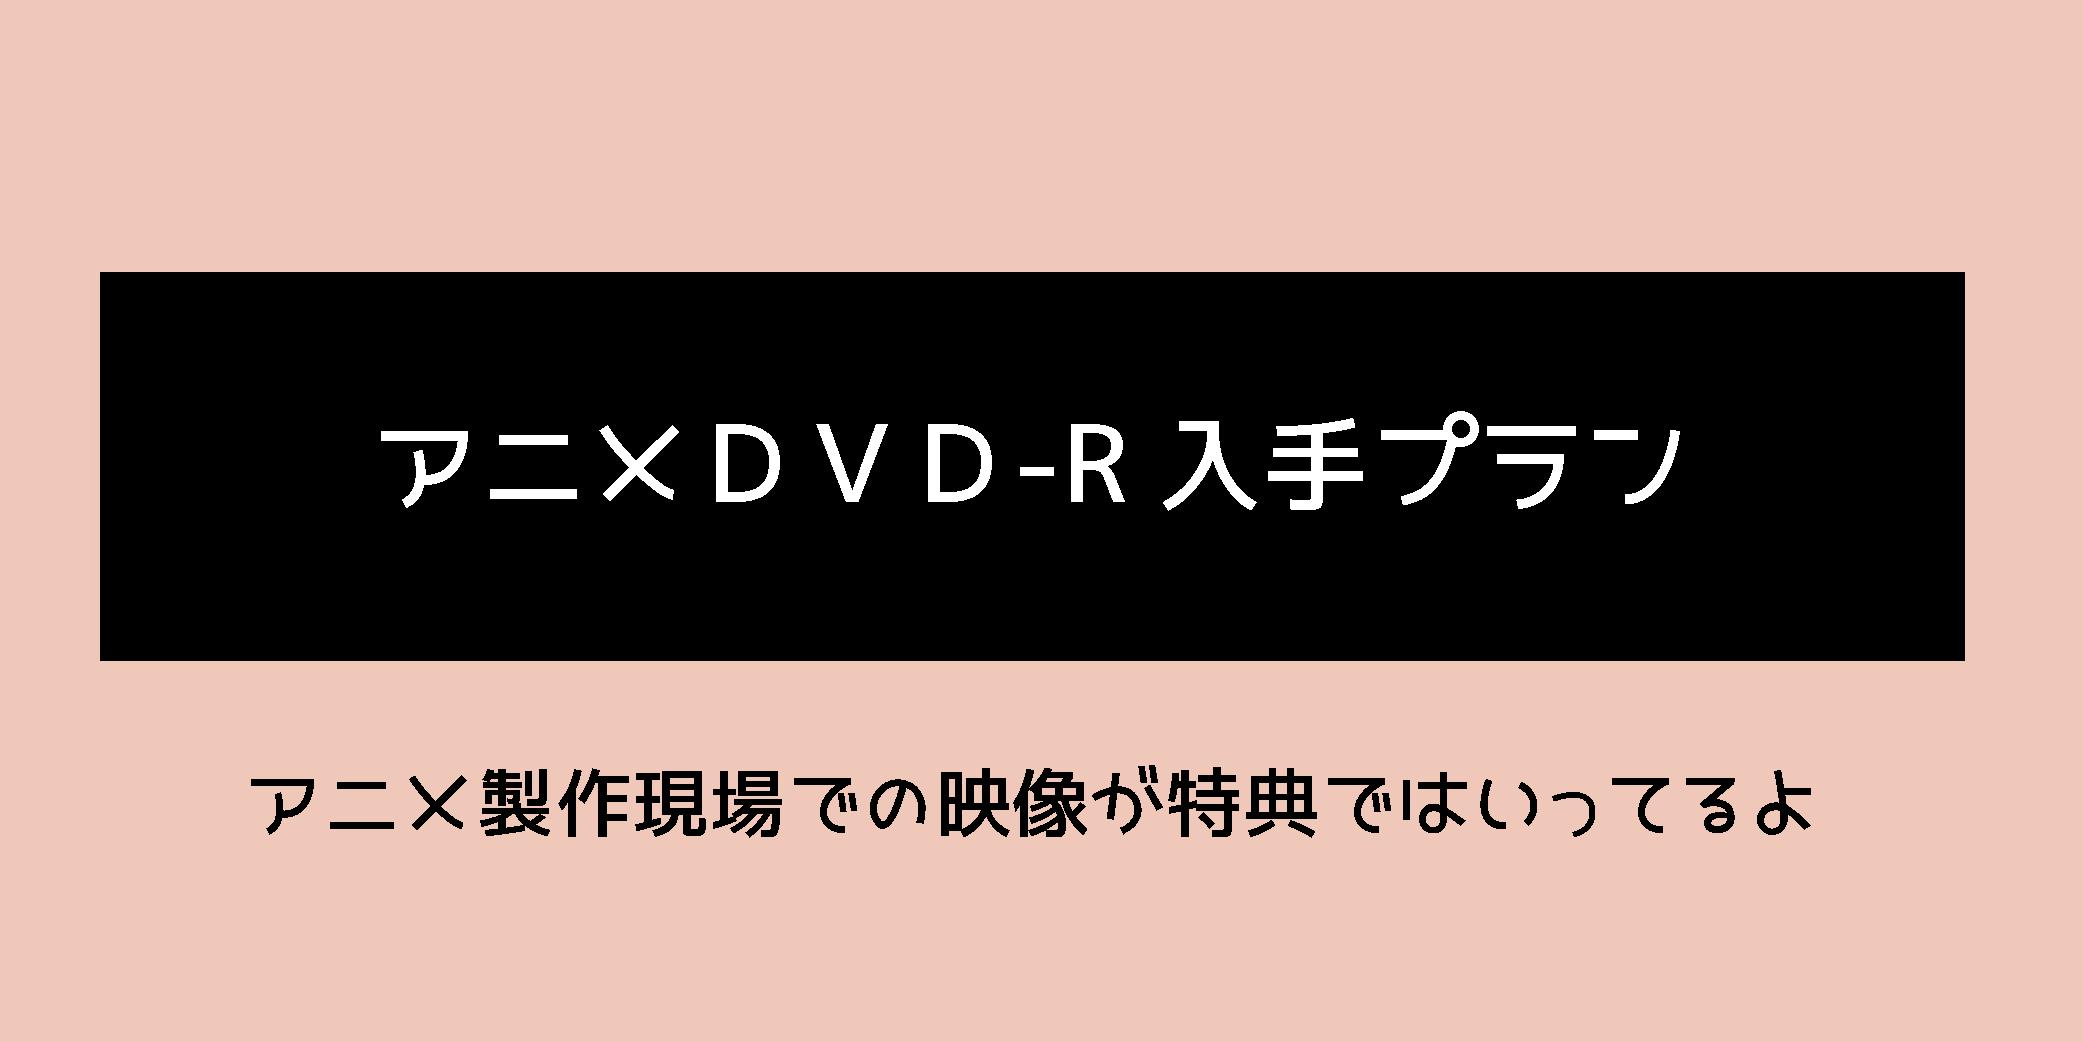 【スペシャルアニメDVD-Rプラン】